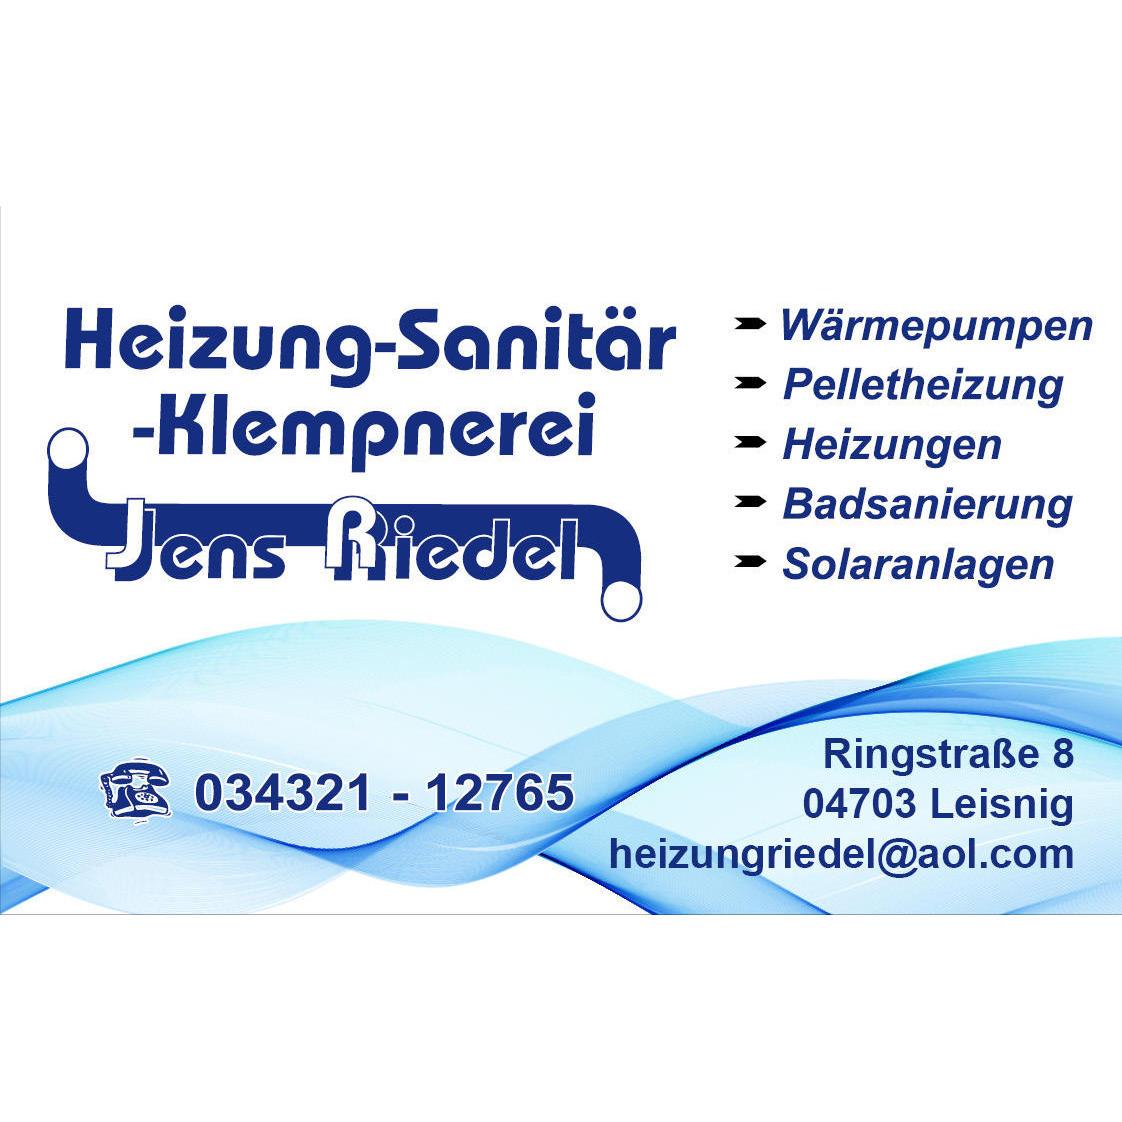 Heizung - Sanitär - Klempnerei Jens Riedel